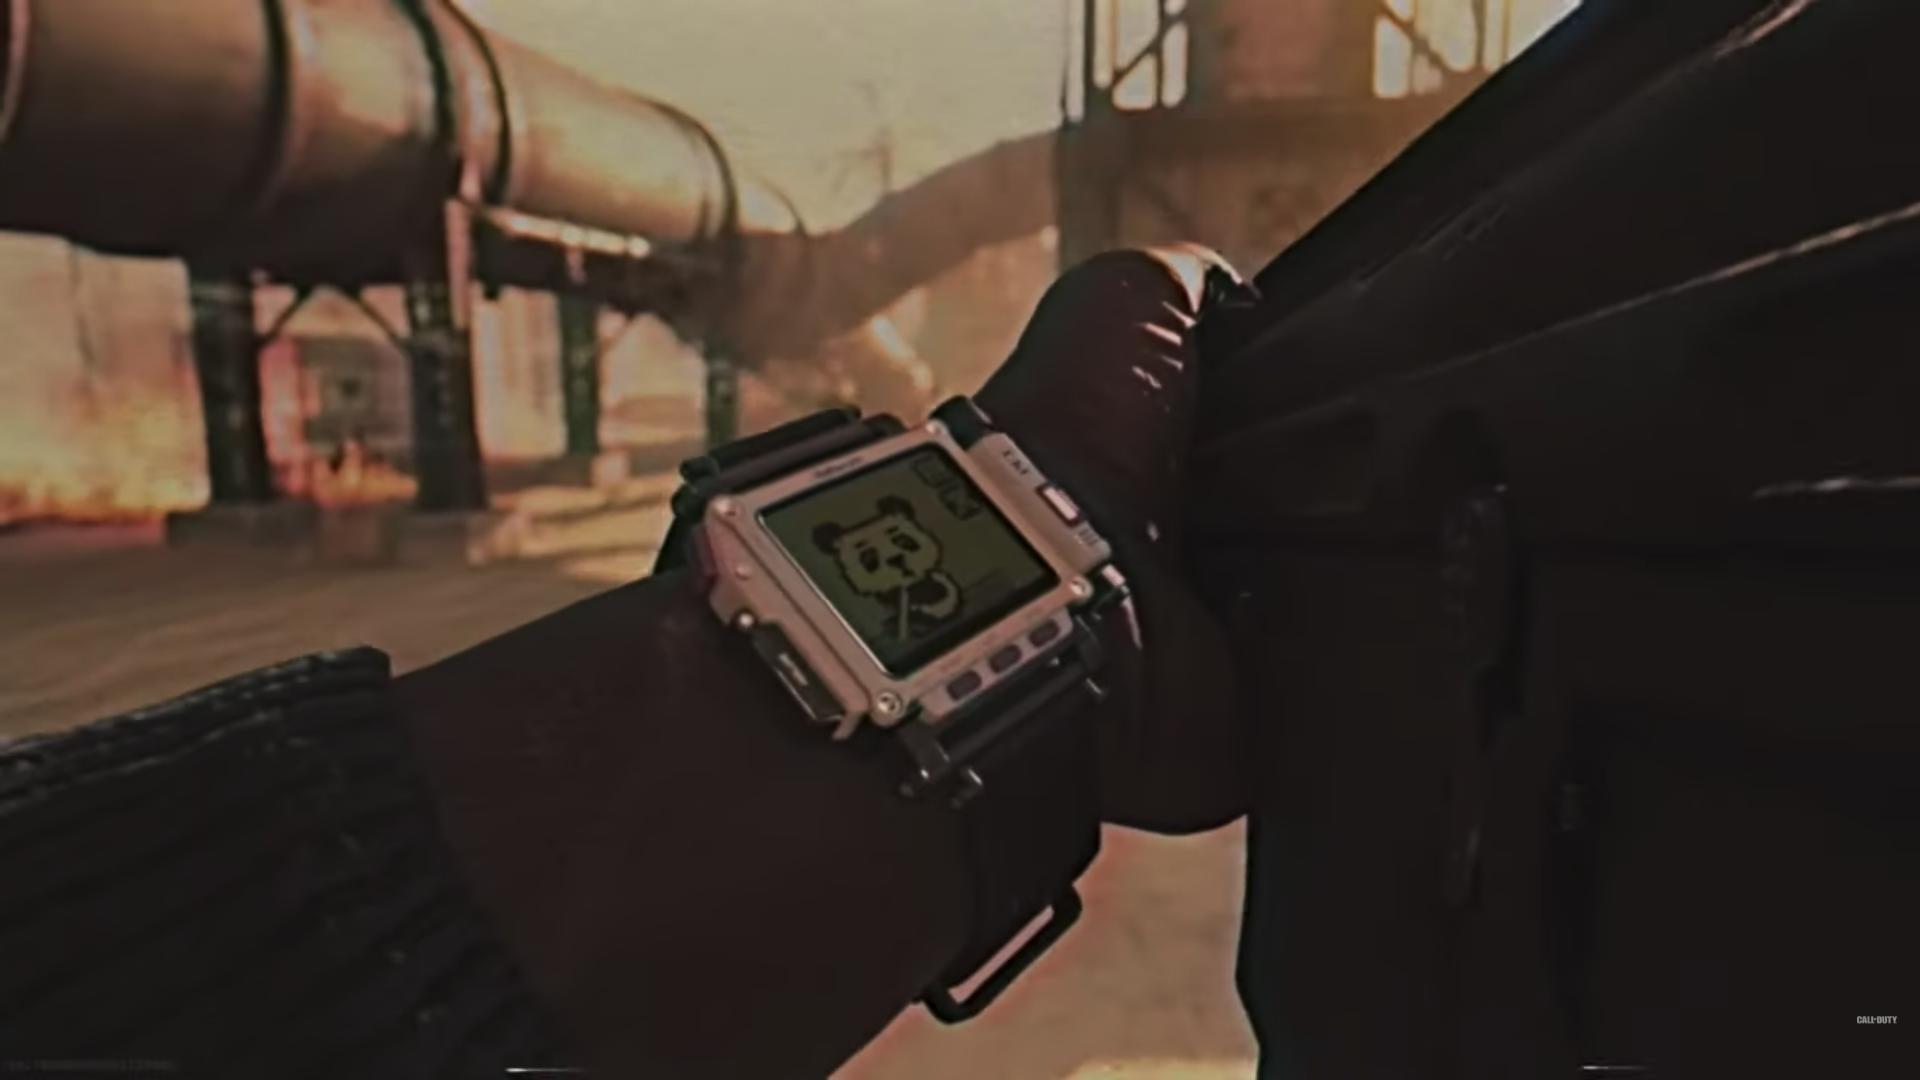 เค้าไม่ยิงกันแล้ว สมัยนี้เค้าเลี้ยงทามาก๊อตกัน Modern Warfare เพิ่มนาฬิกา Tomogunchi